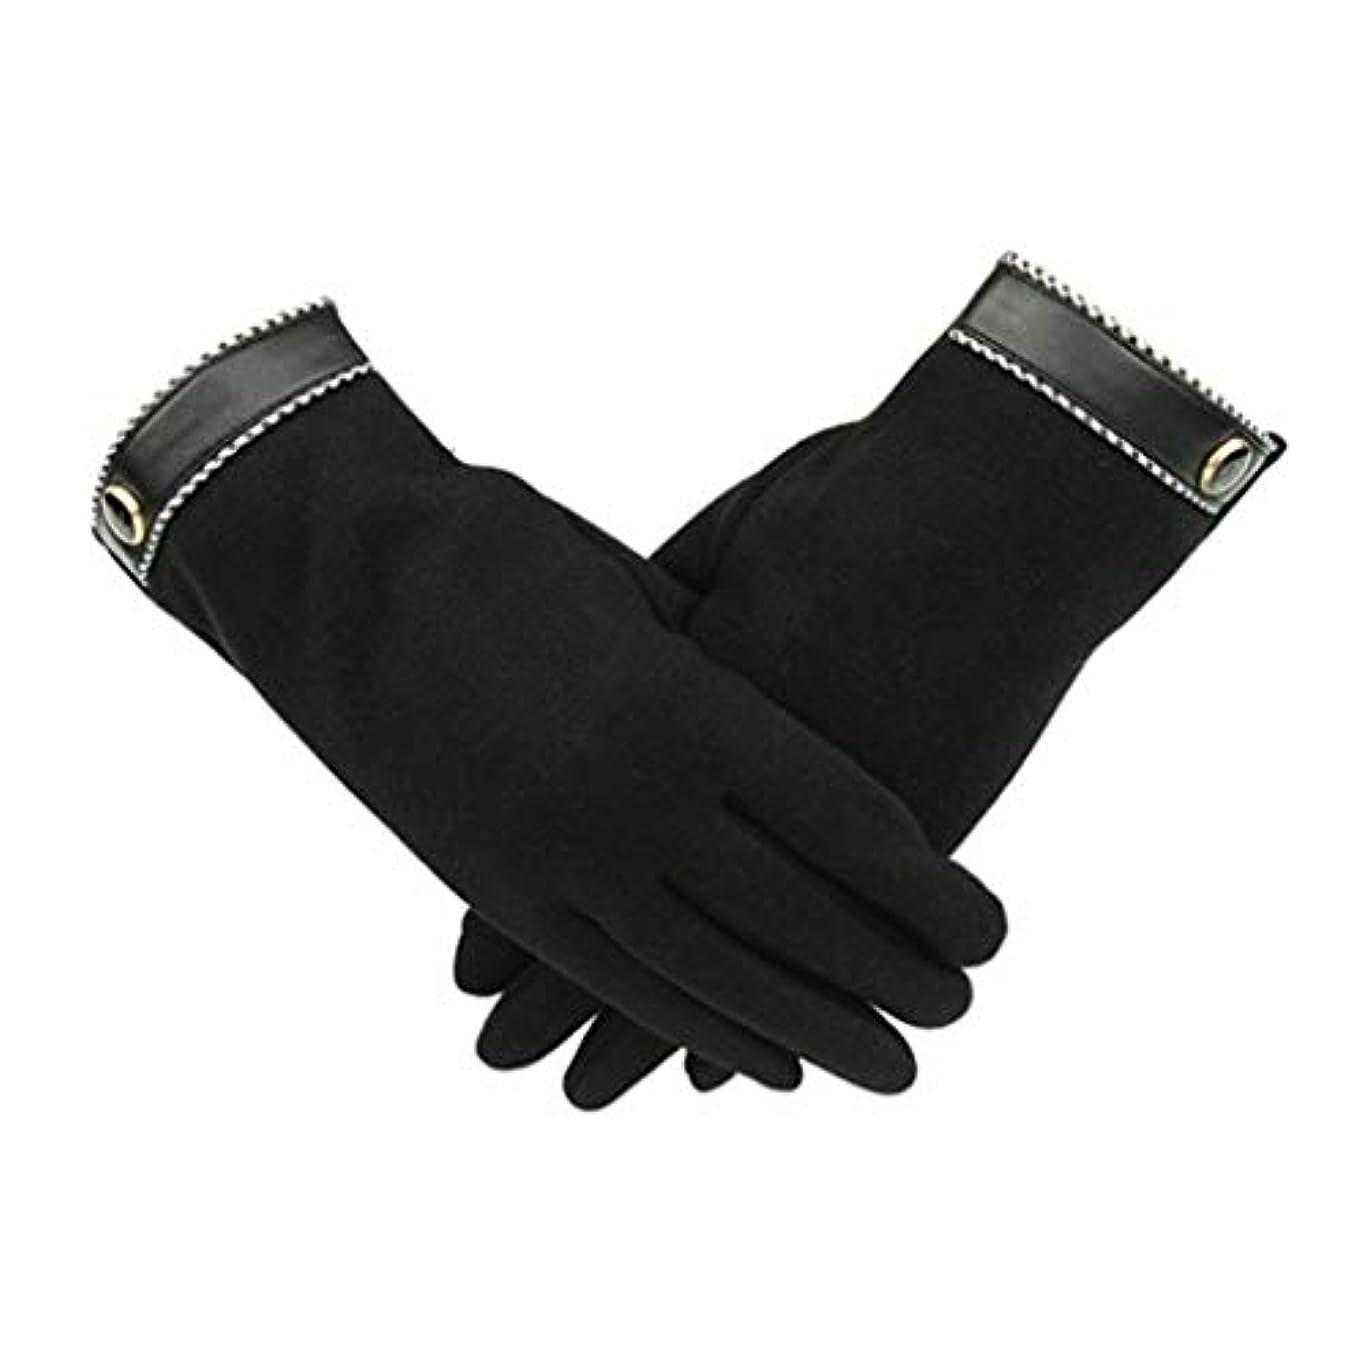 召喚する市場何手袋の男性プラスベルベット暖かい春と秋冬の屋外旅行は、ベルベットのタッチスクリーンの手袋ではない (色 : 黒)